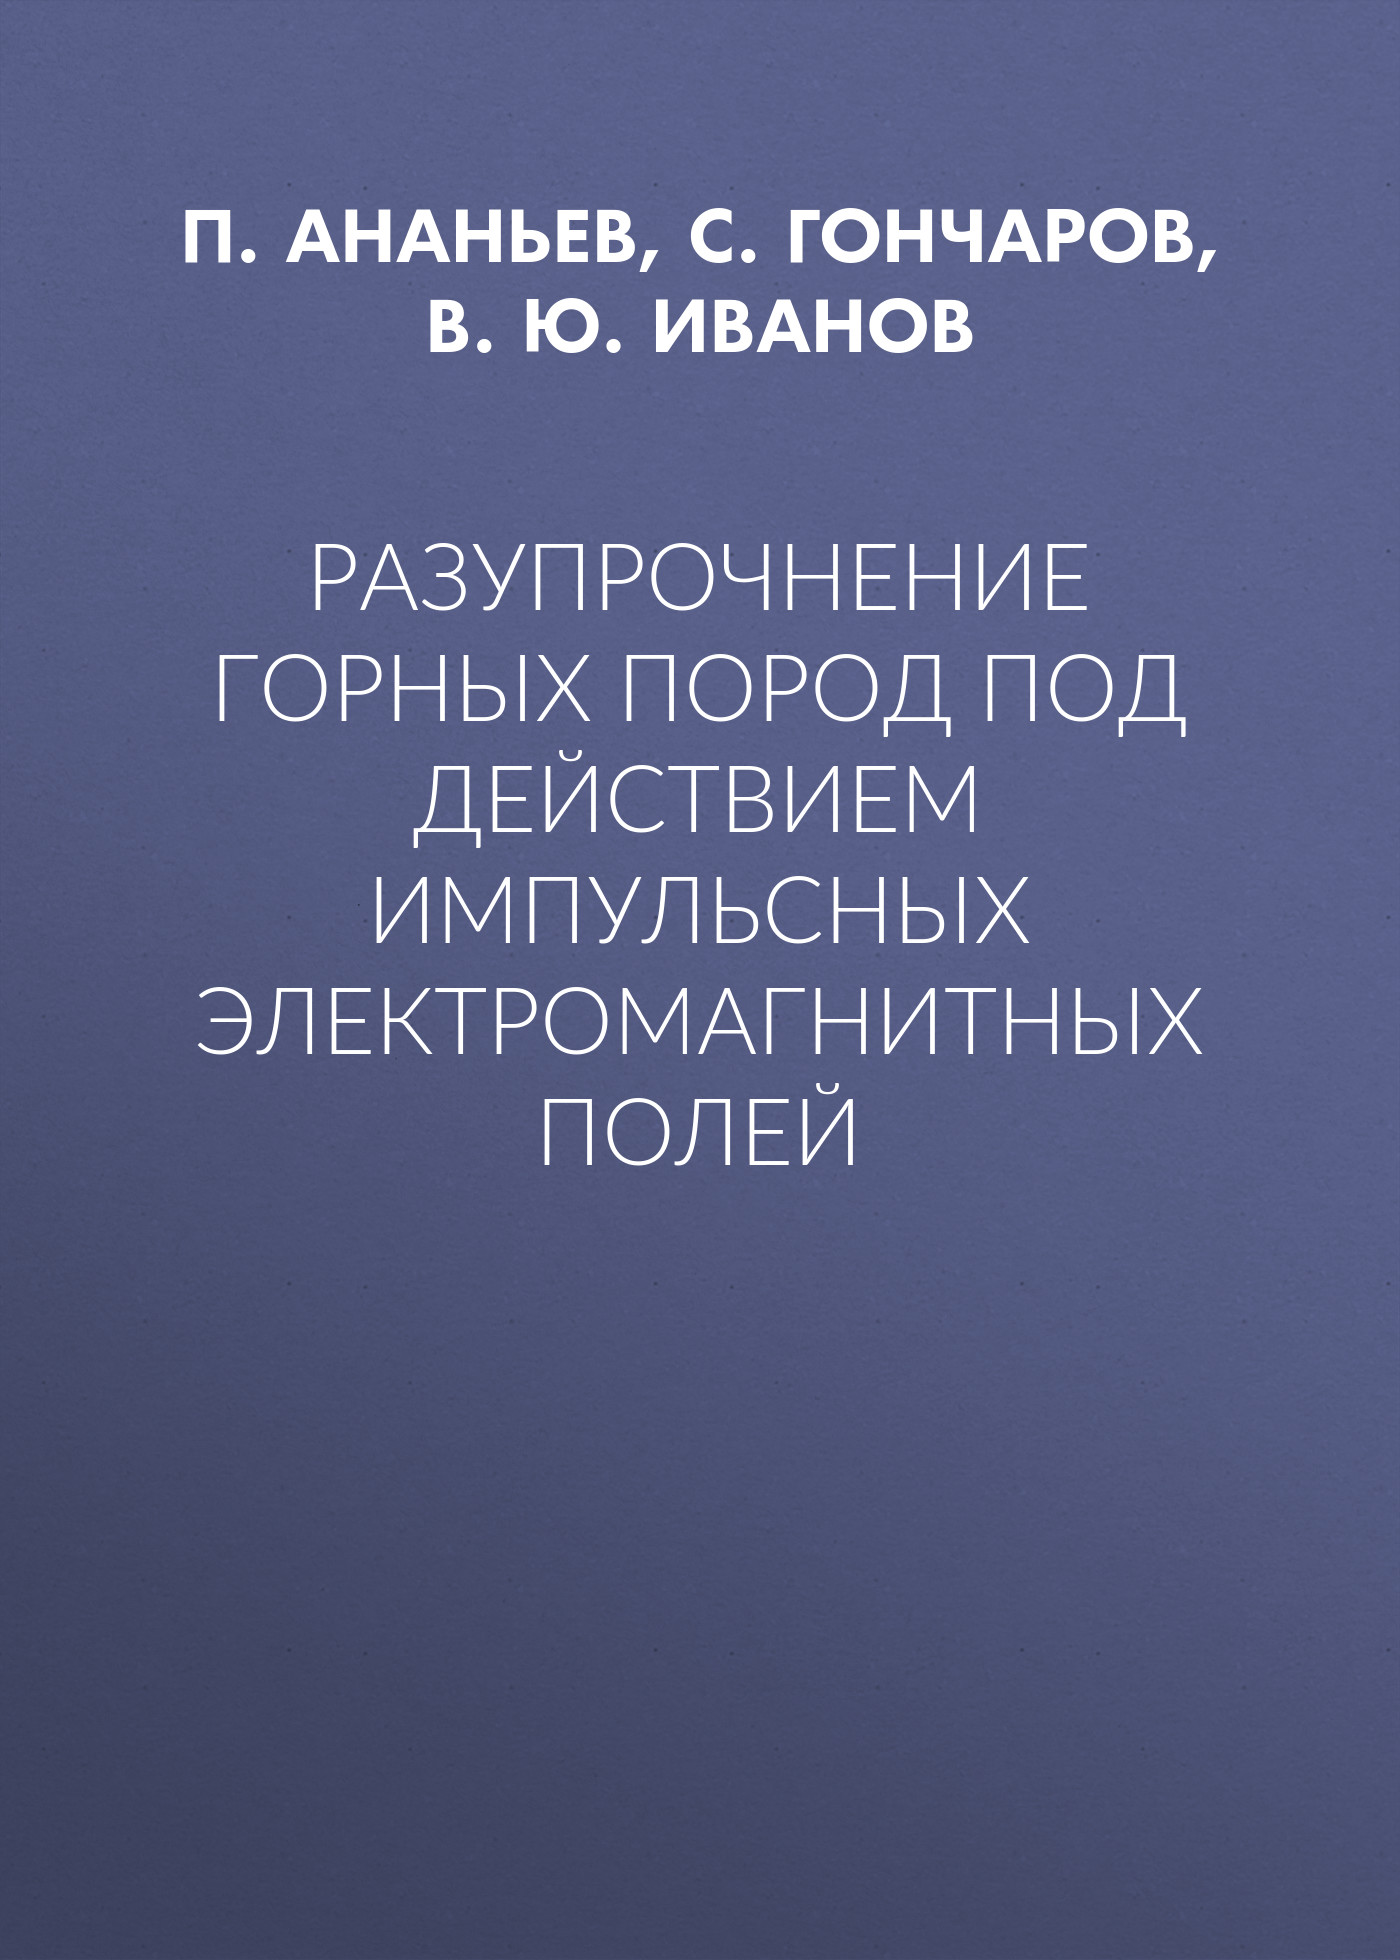 В. Ю. Иванов Разупрочнение горных пород под действием импульсных электромагнитных полей